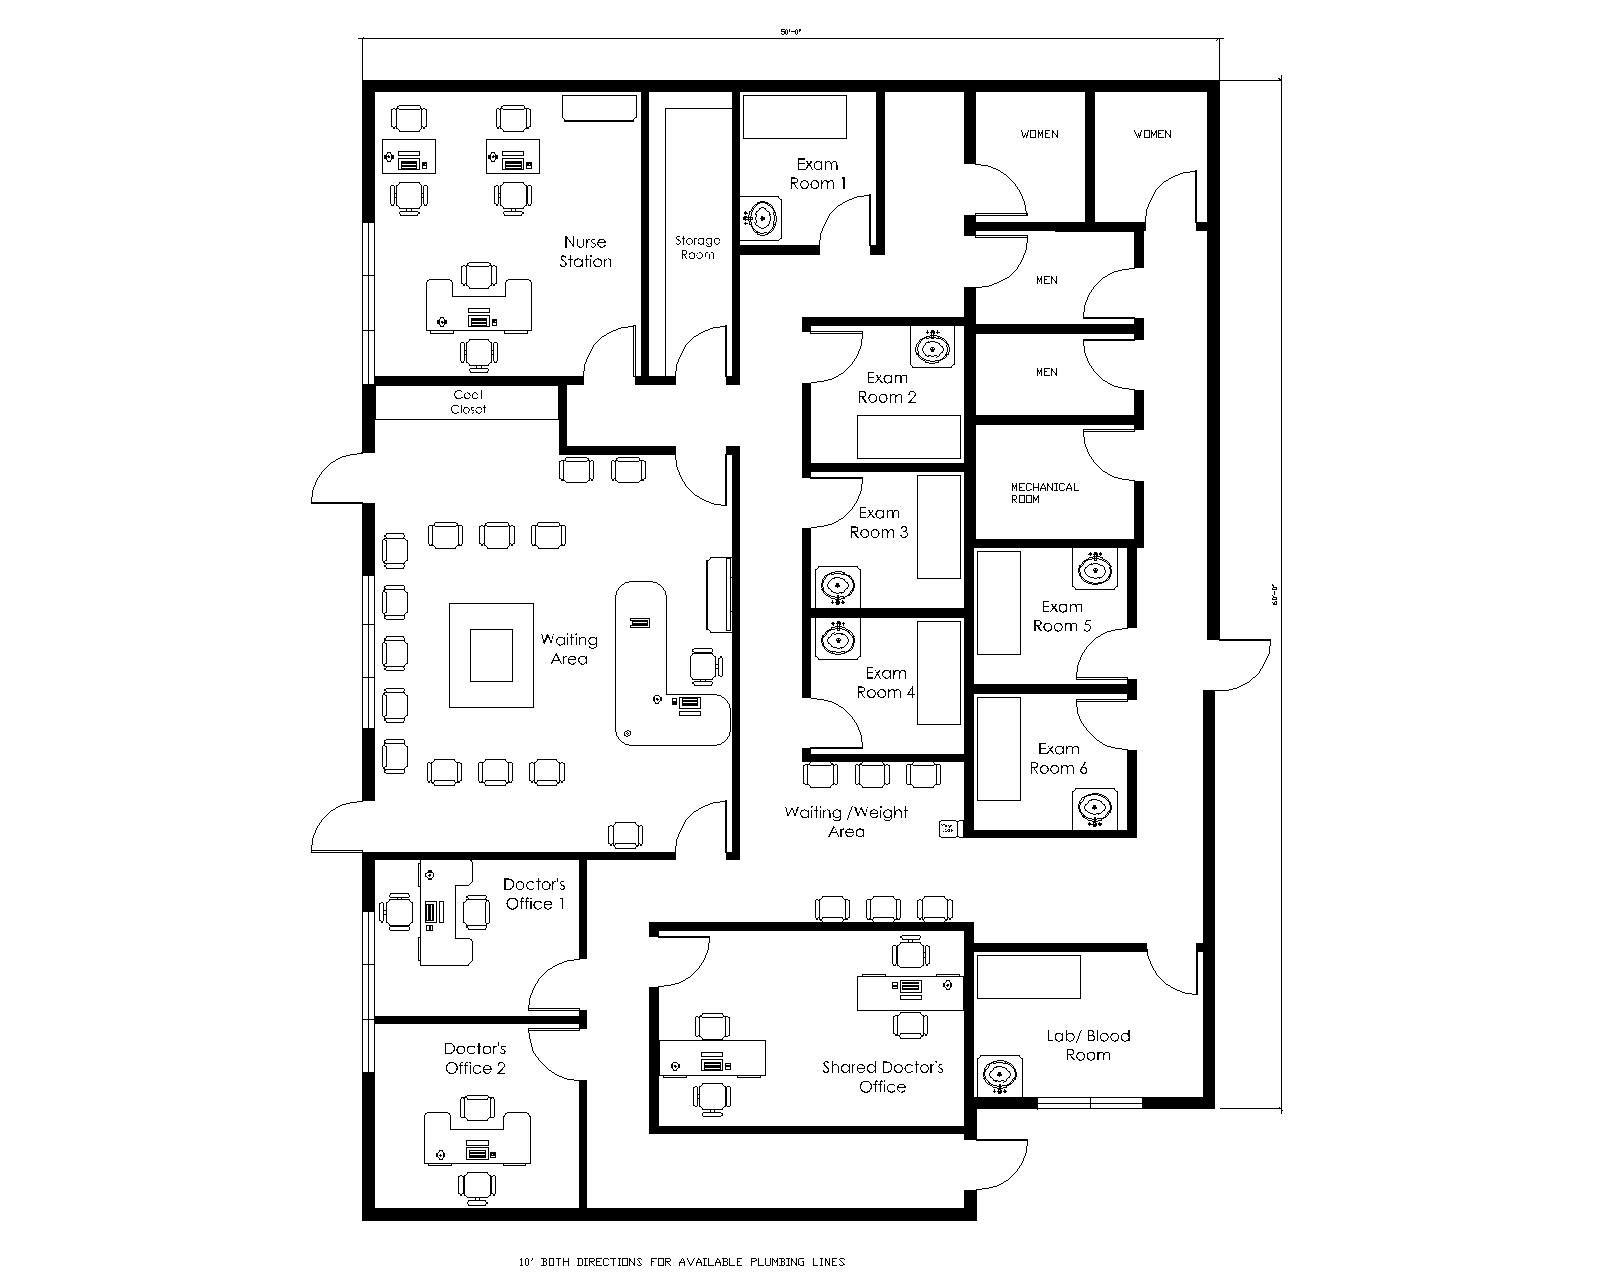 Medical Office Design Plans Doctors Office Layout Design ...